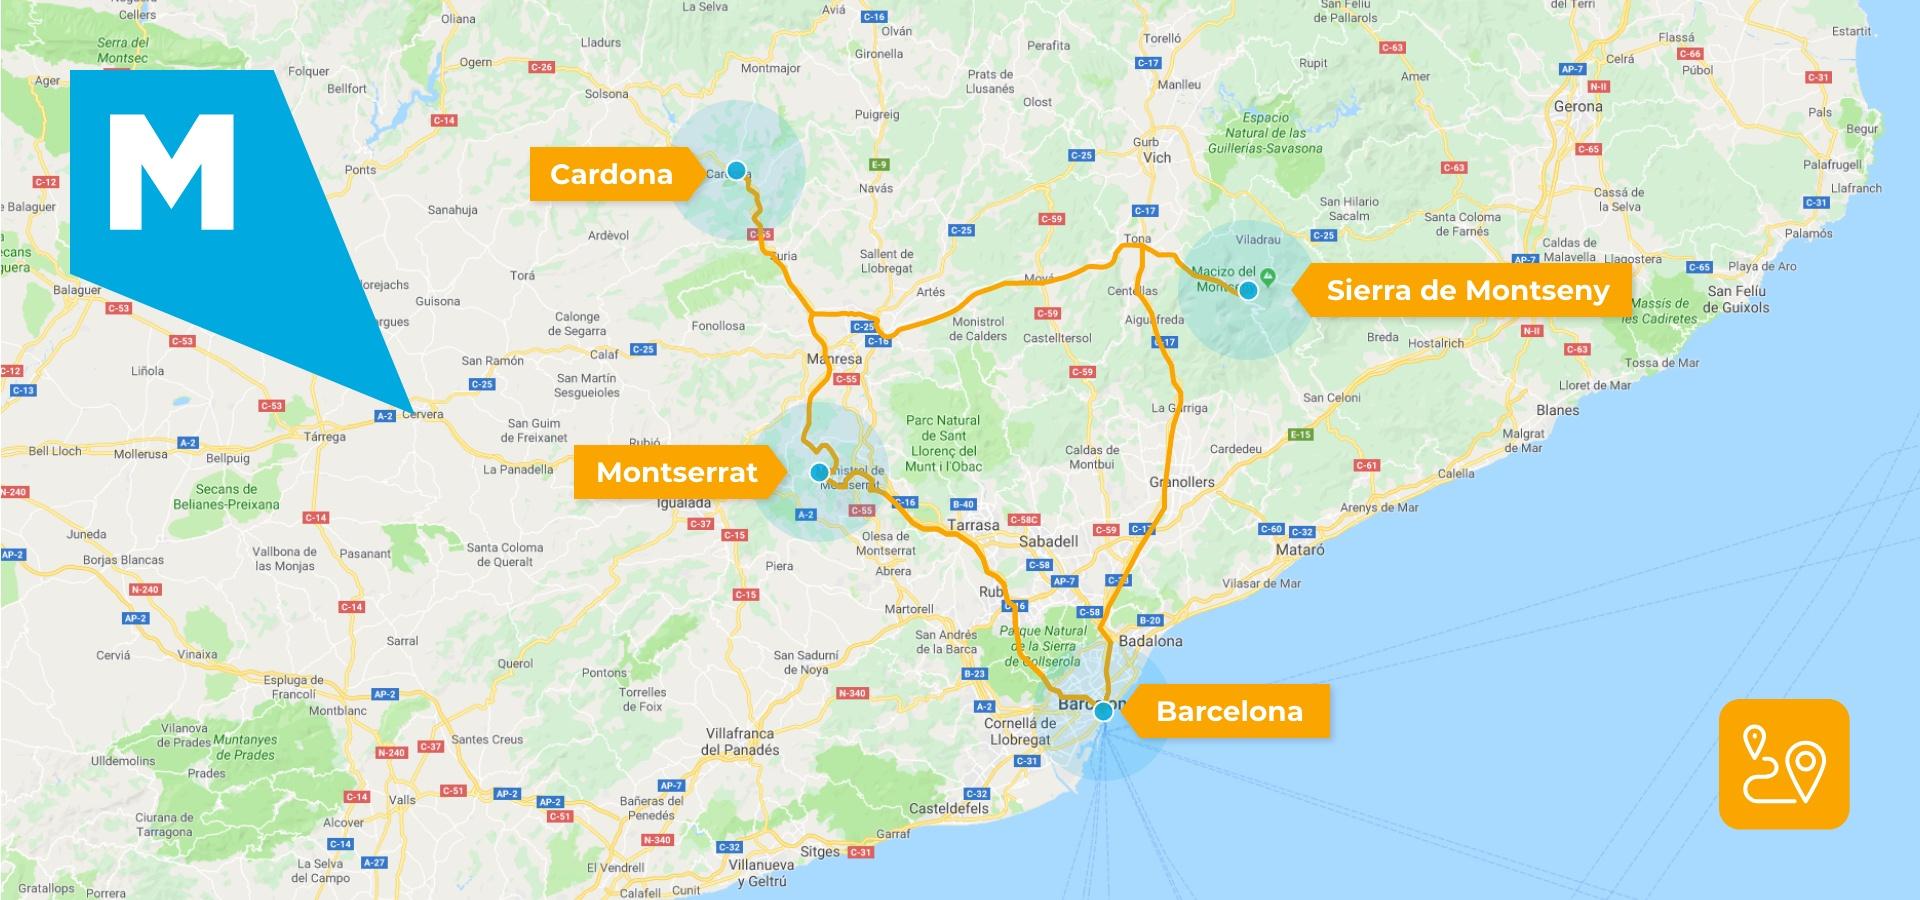 Mapa de la provincia de Barcelona, Lleida y Girona con las rutas desde Barcelona a Sierra de Montseny, a Cardona y a Montserrat